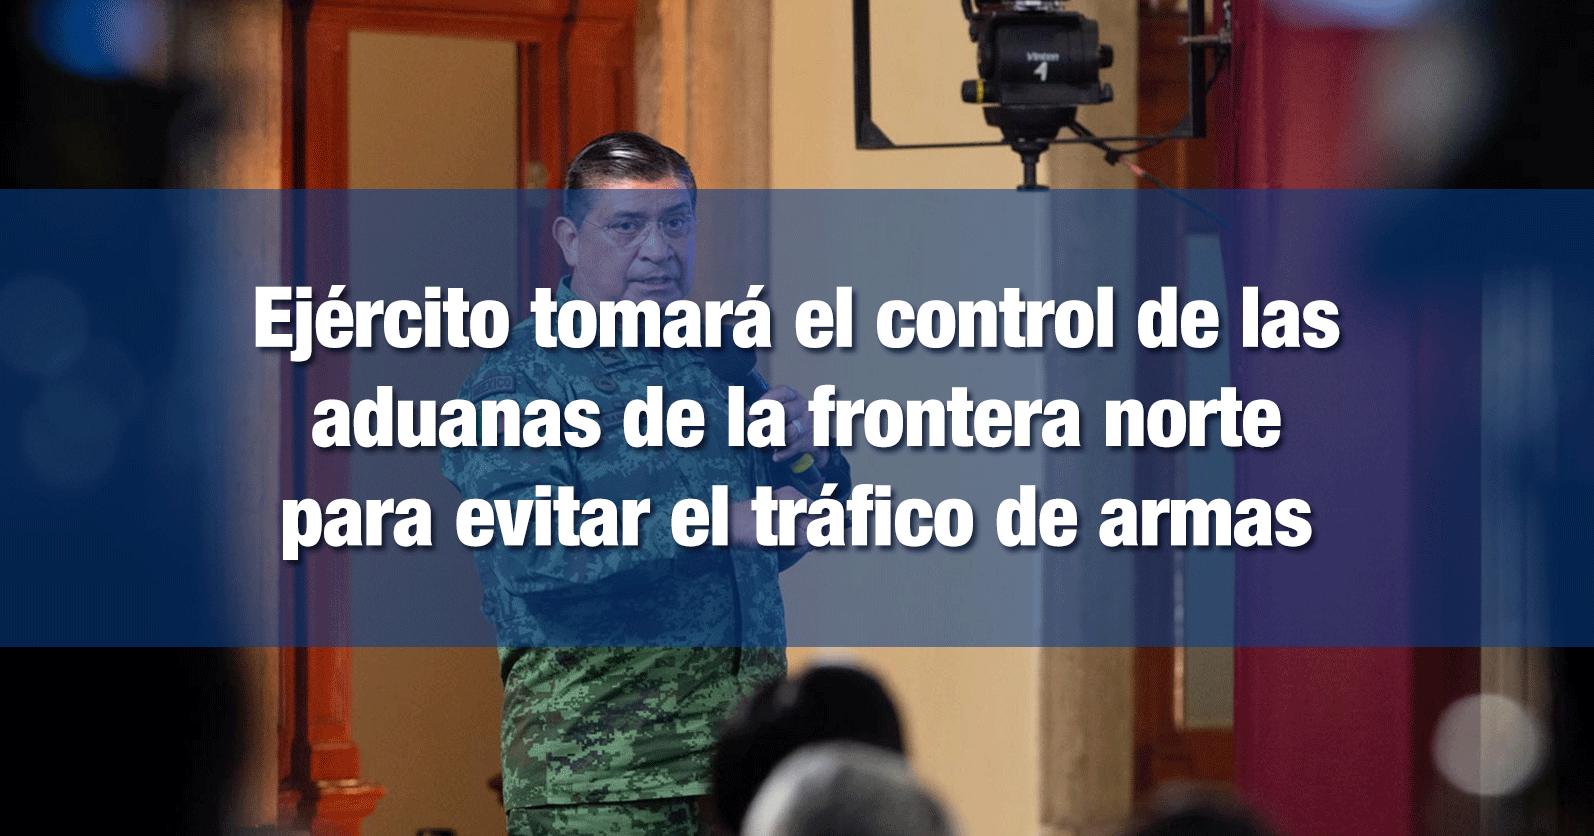 Ejército tomará el control de las aduanas de la frontera norte para evitar el tráfico de armas